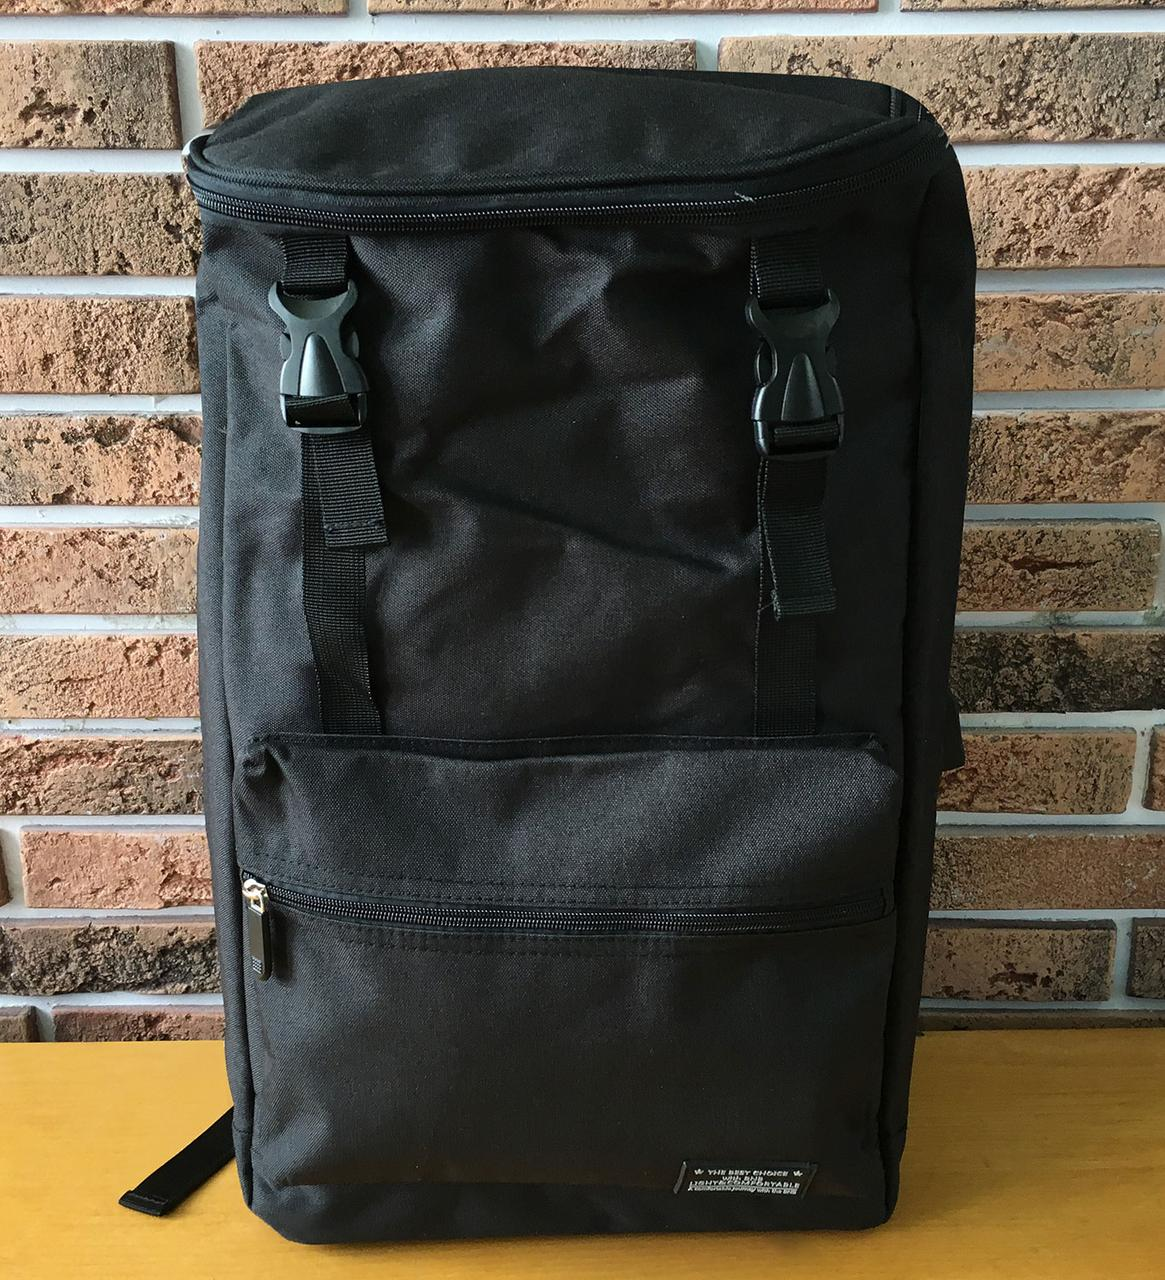 Городской рюкзак с USB-портом, универсальный рюкзак для работы, учебы, ноутбука, путешествий, черный